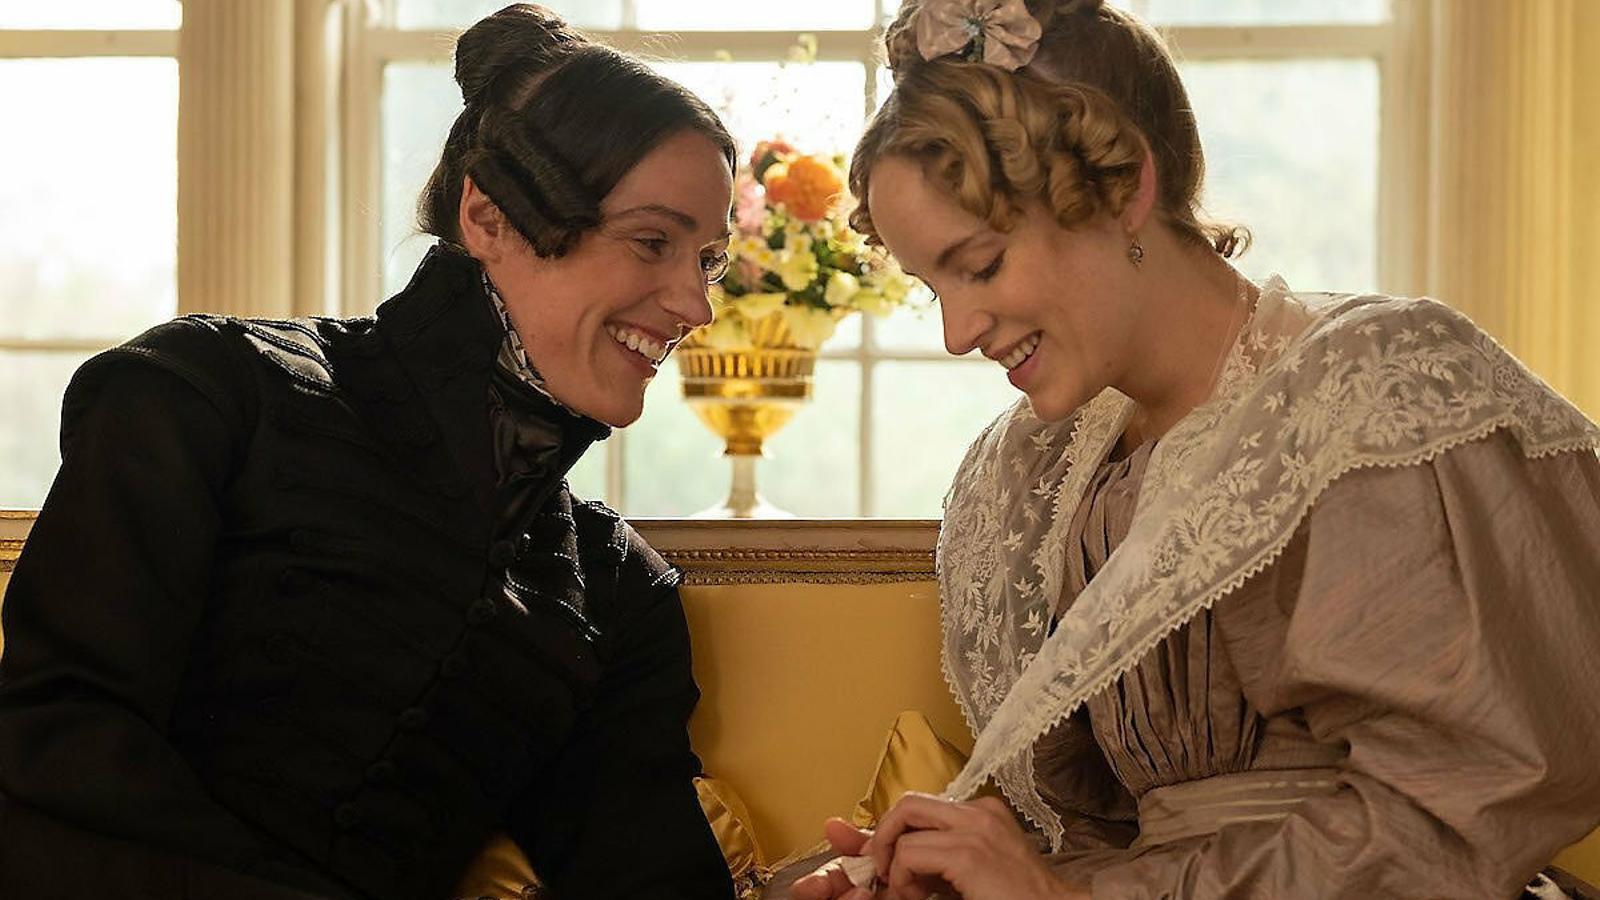 Suranne Jones interpreta un personatge real, Anne Lister, una dona de principis del XIX que es casa amb el personatge de Sophie Rundle.